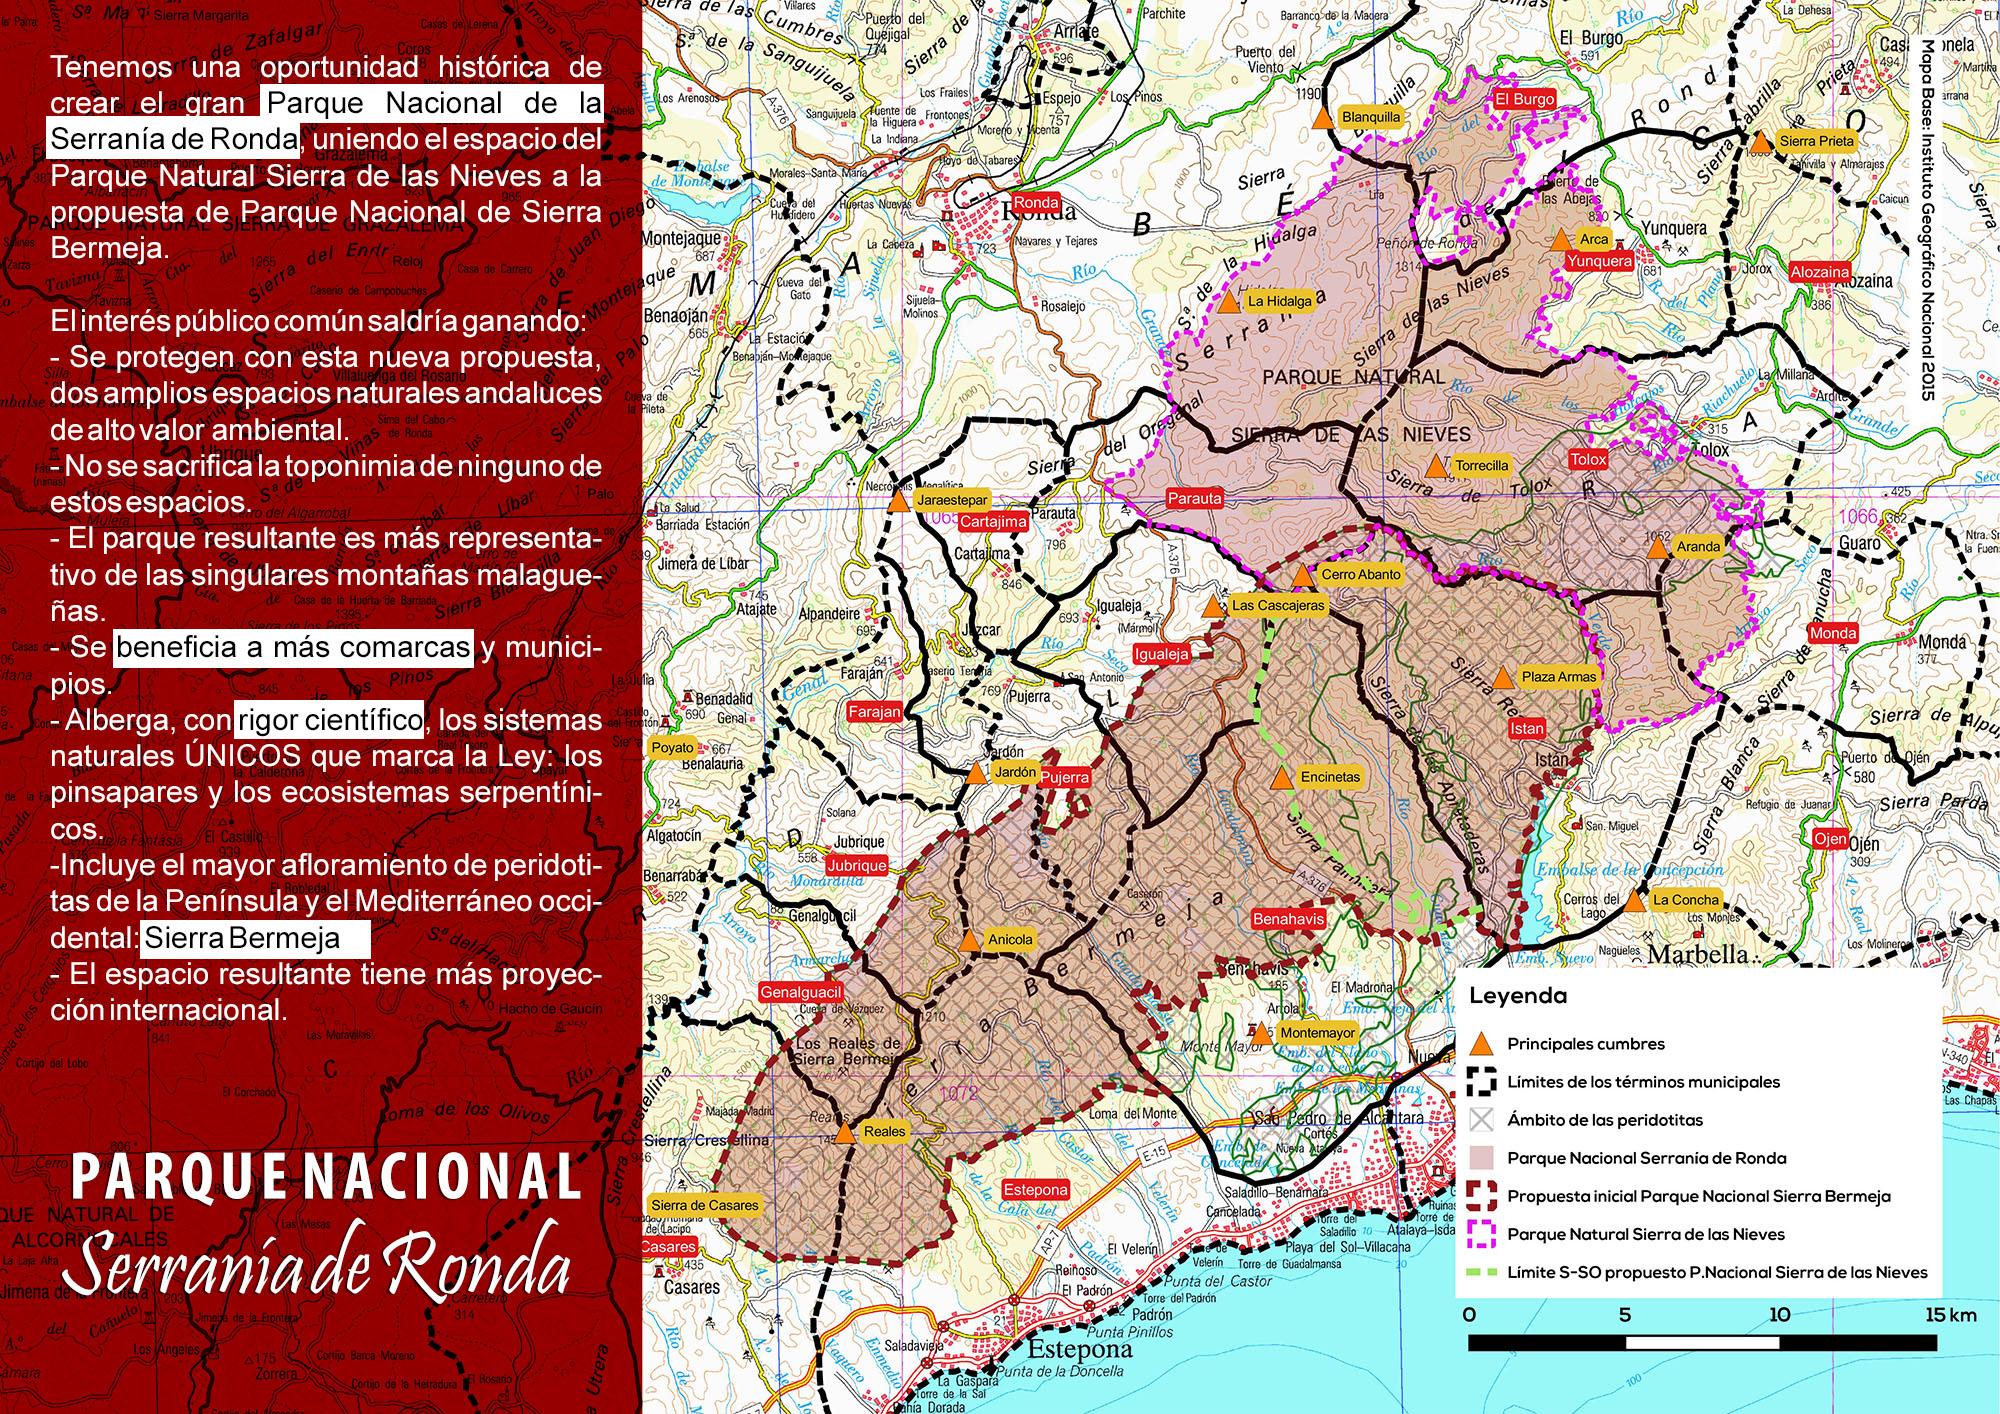 Parque Nacional Serranía de Ronda